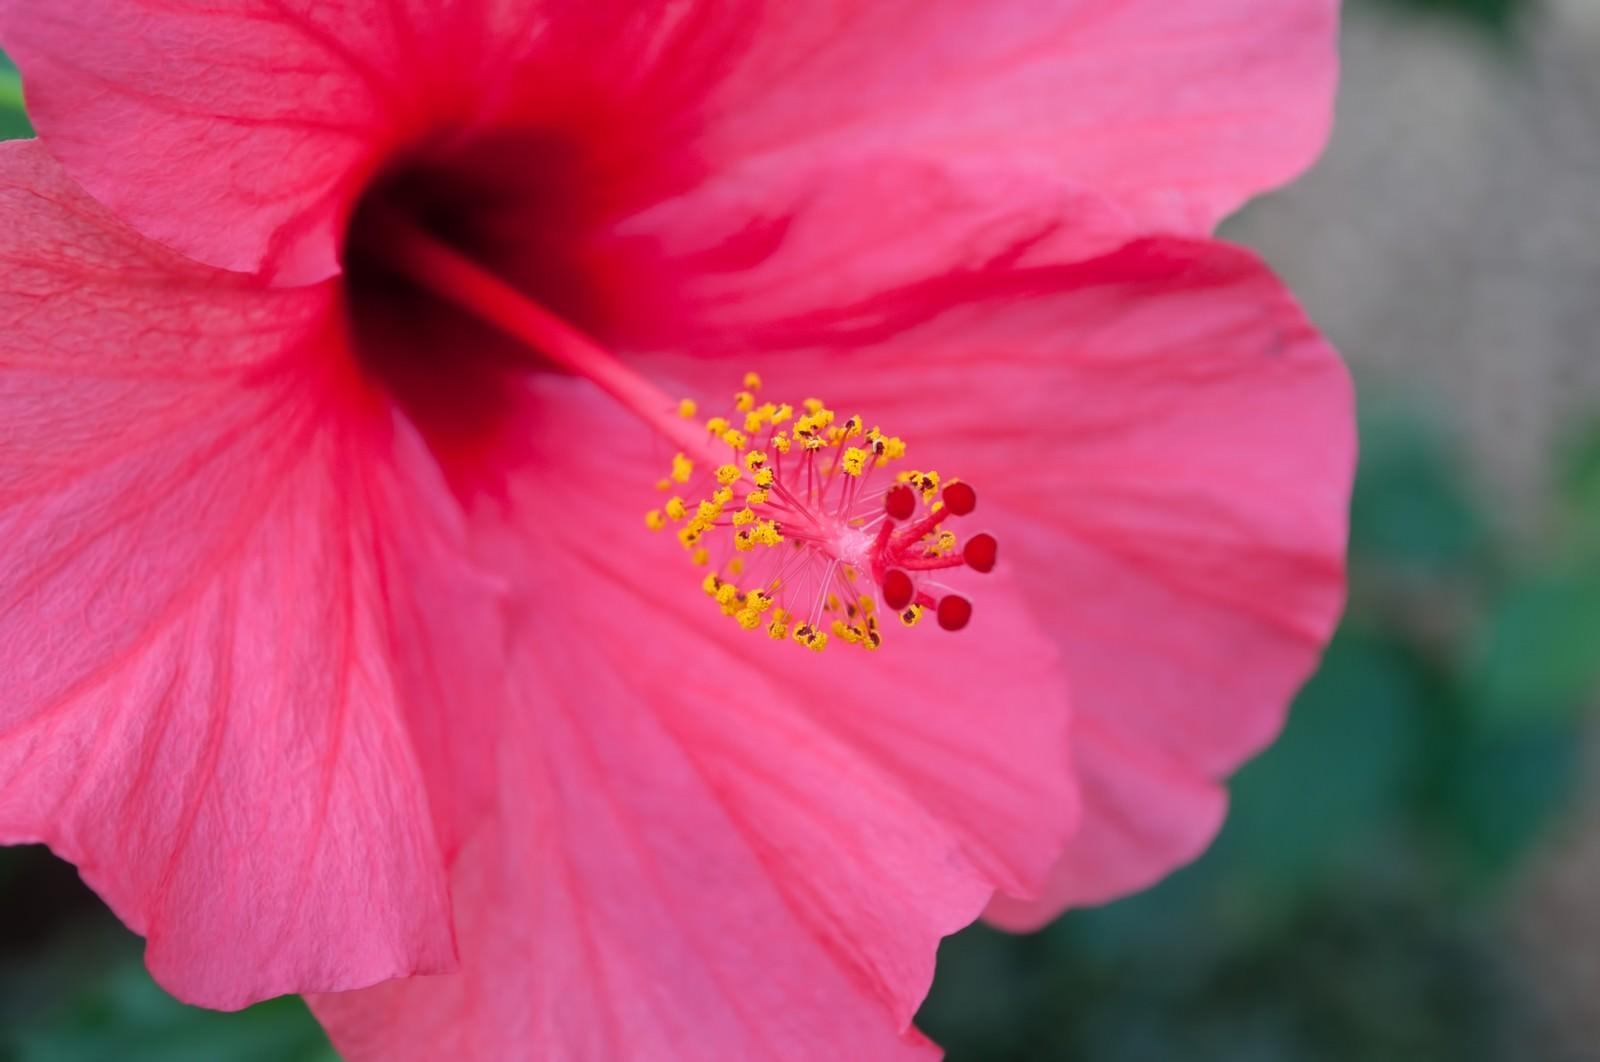 「ピンク色のハイビスカス」の写真